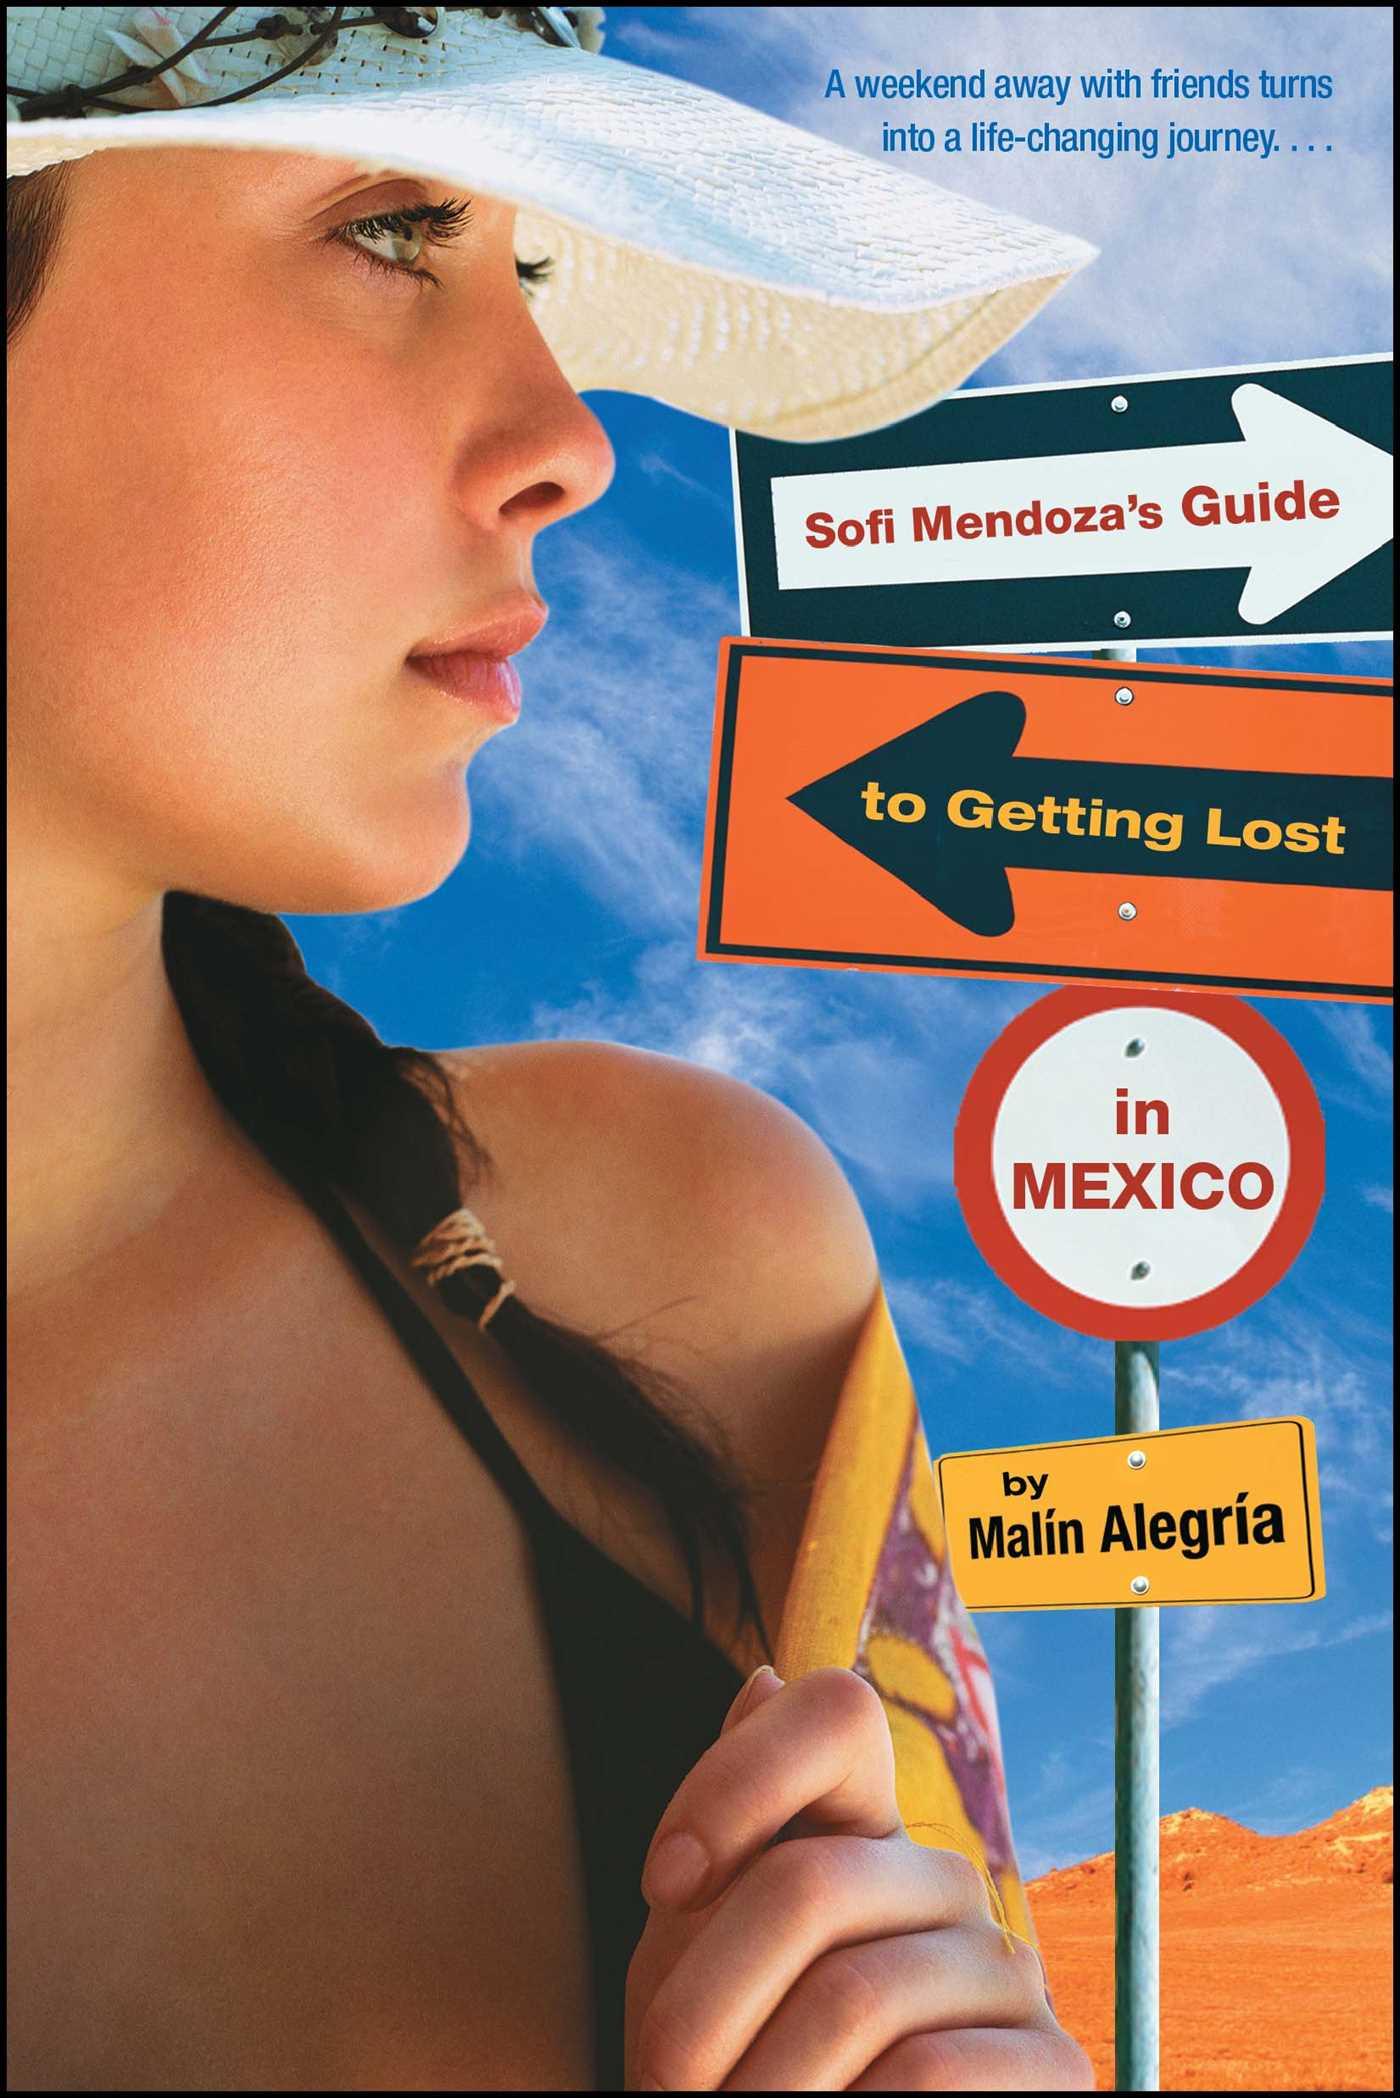 Sofi mendozas guide to getting lost in mexico 9780689878121 hr